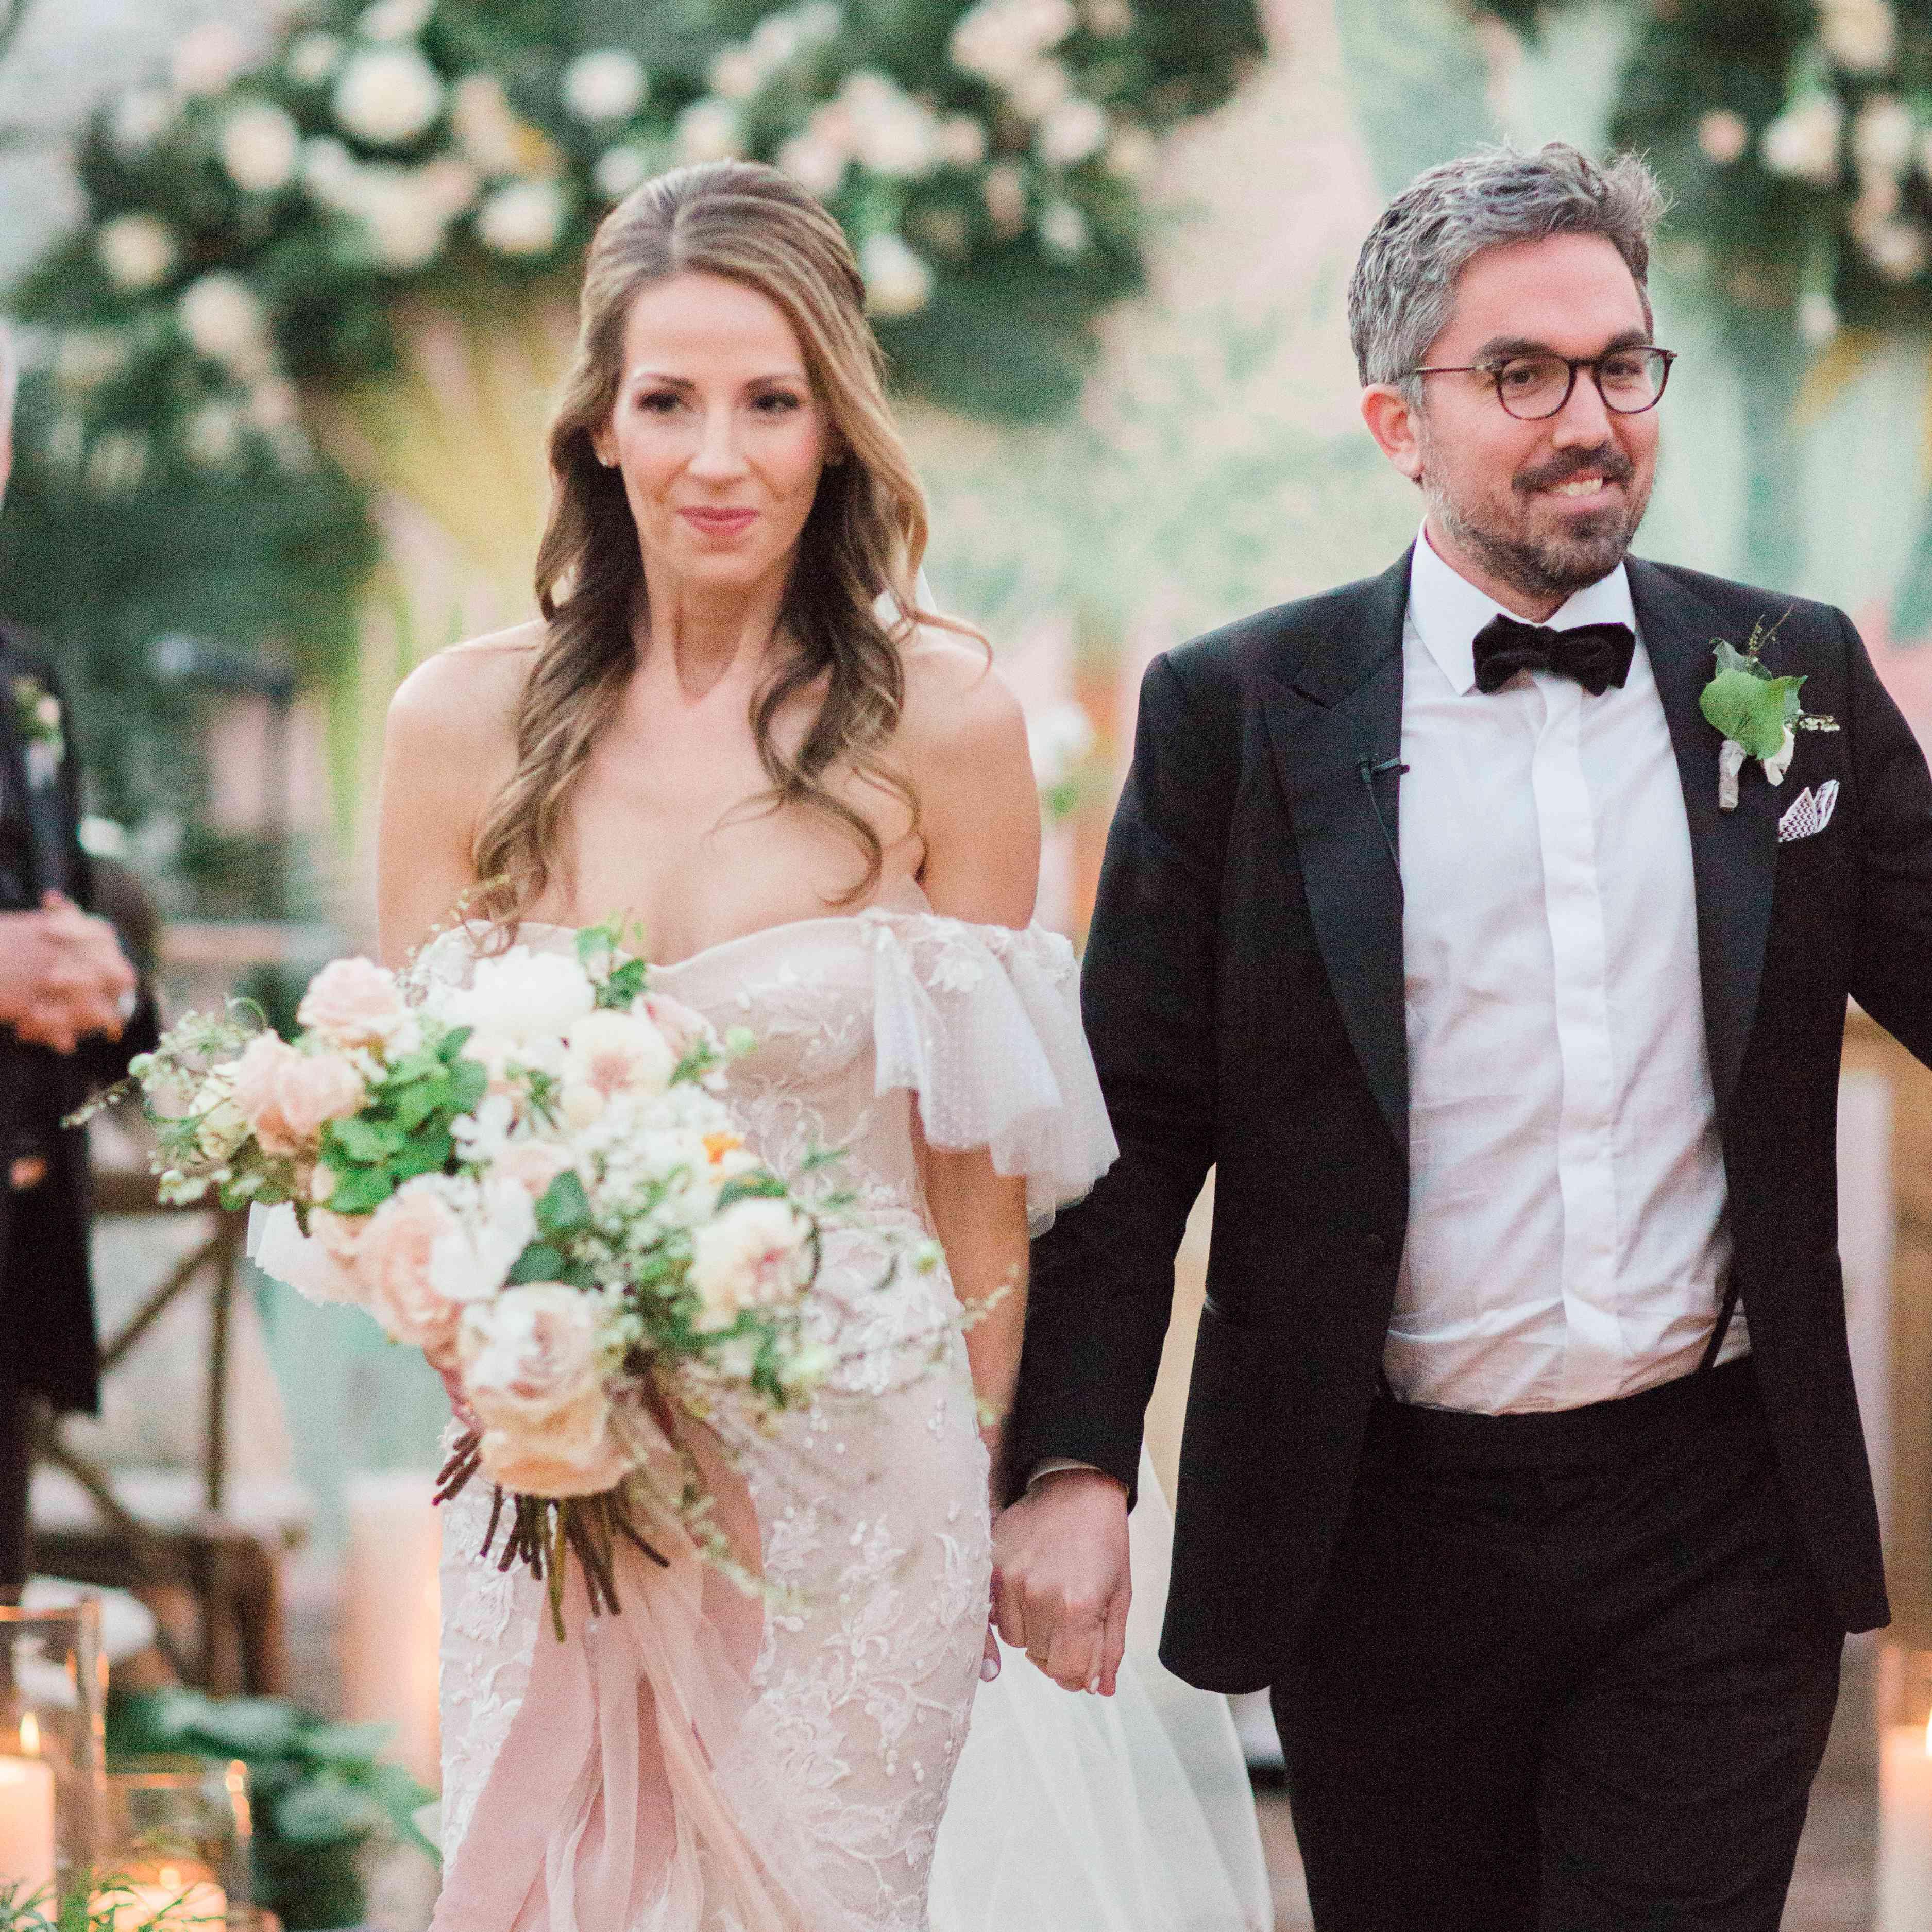 <p>wedding recessional bride and groom</p><br><br>